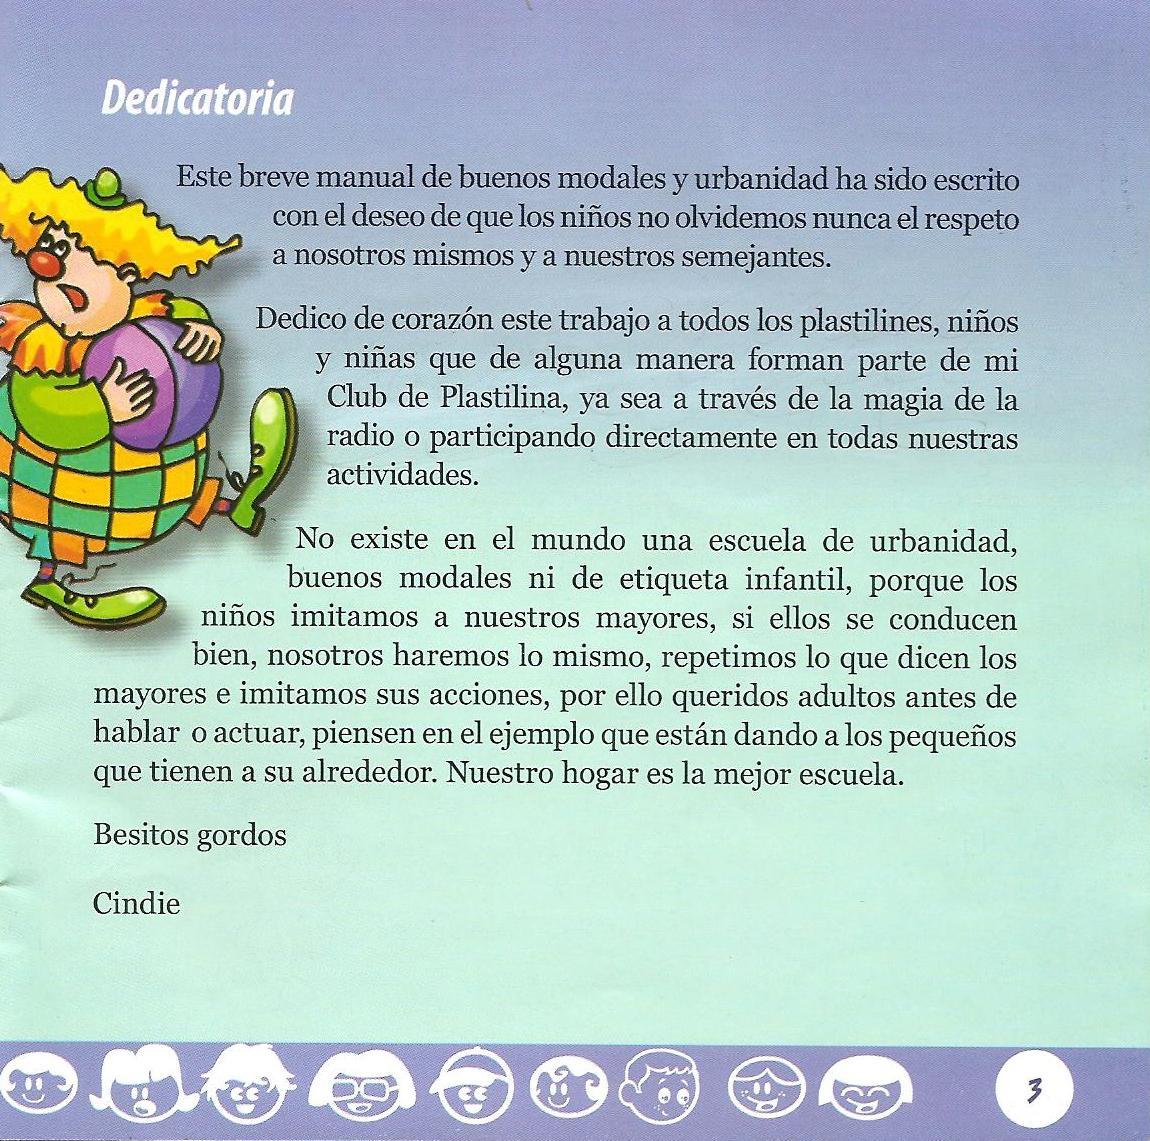 escribidora mi primer libro manual infantil de urbanidad y buenos rh escritoracindiecapelduran blogspot com manual de carreño para niños descargar gratis manual de carreño para niños descargar gratis